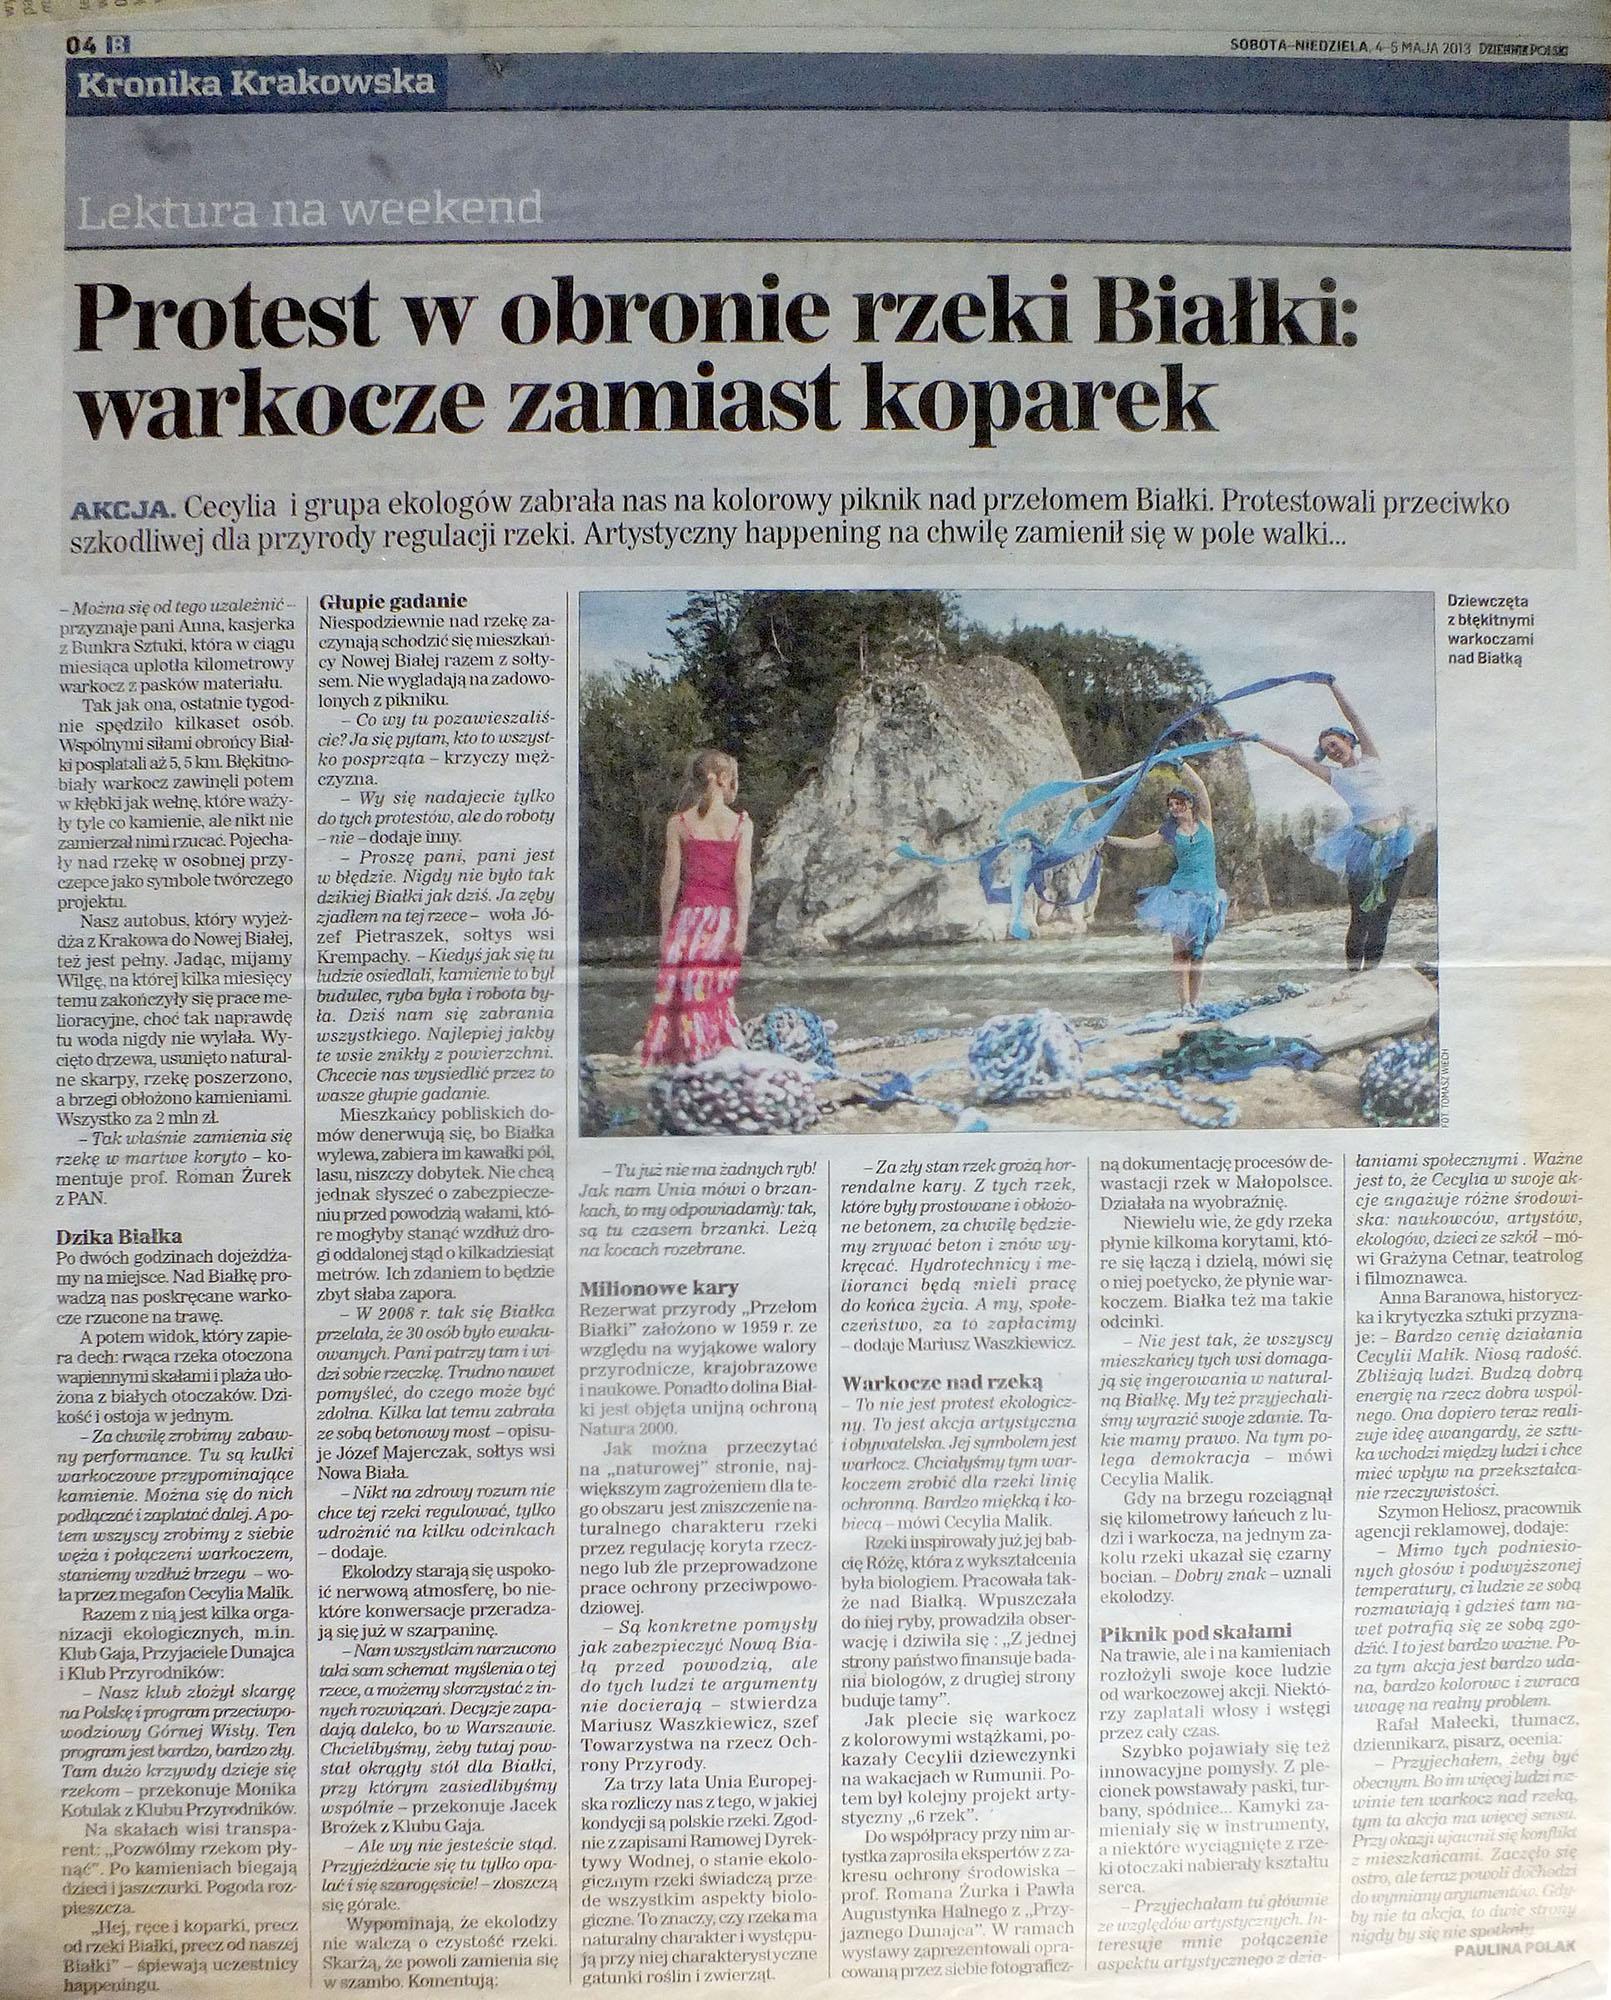 protest-w-obronie-rzeki-bialki